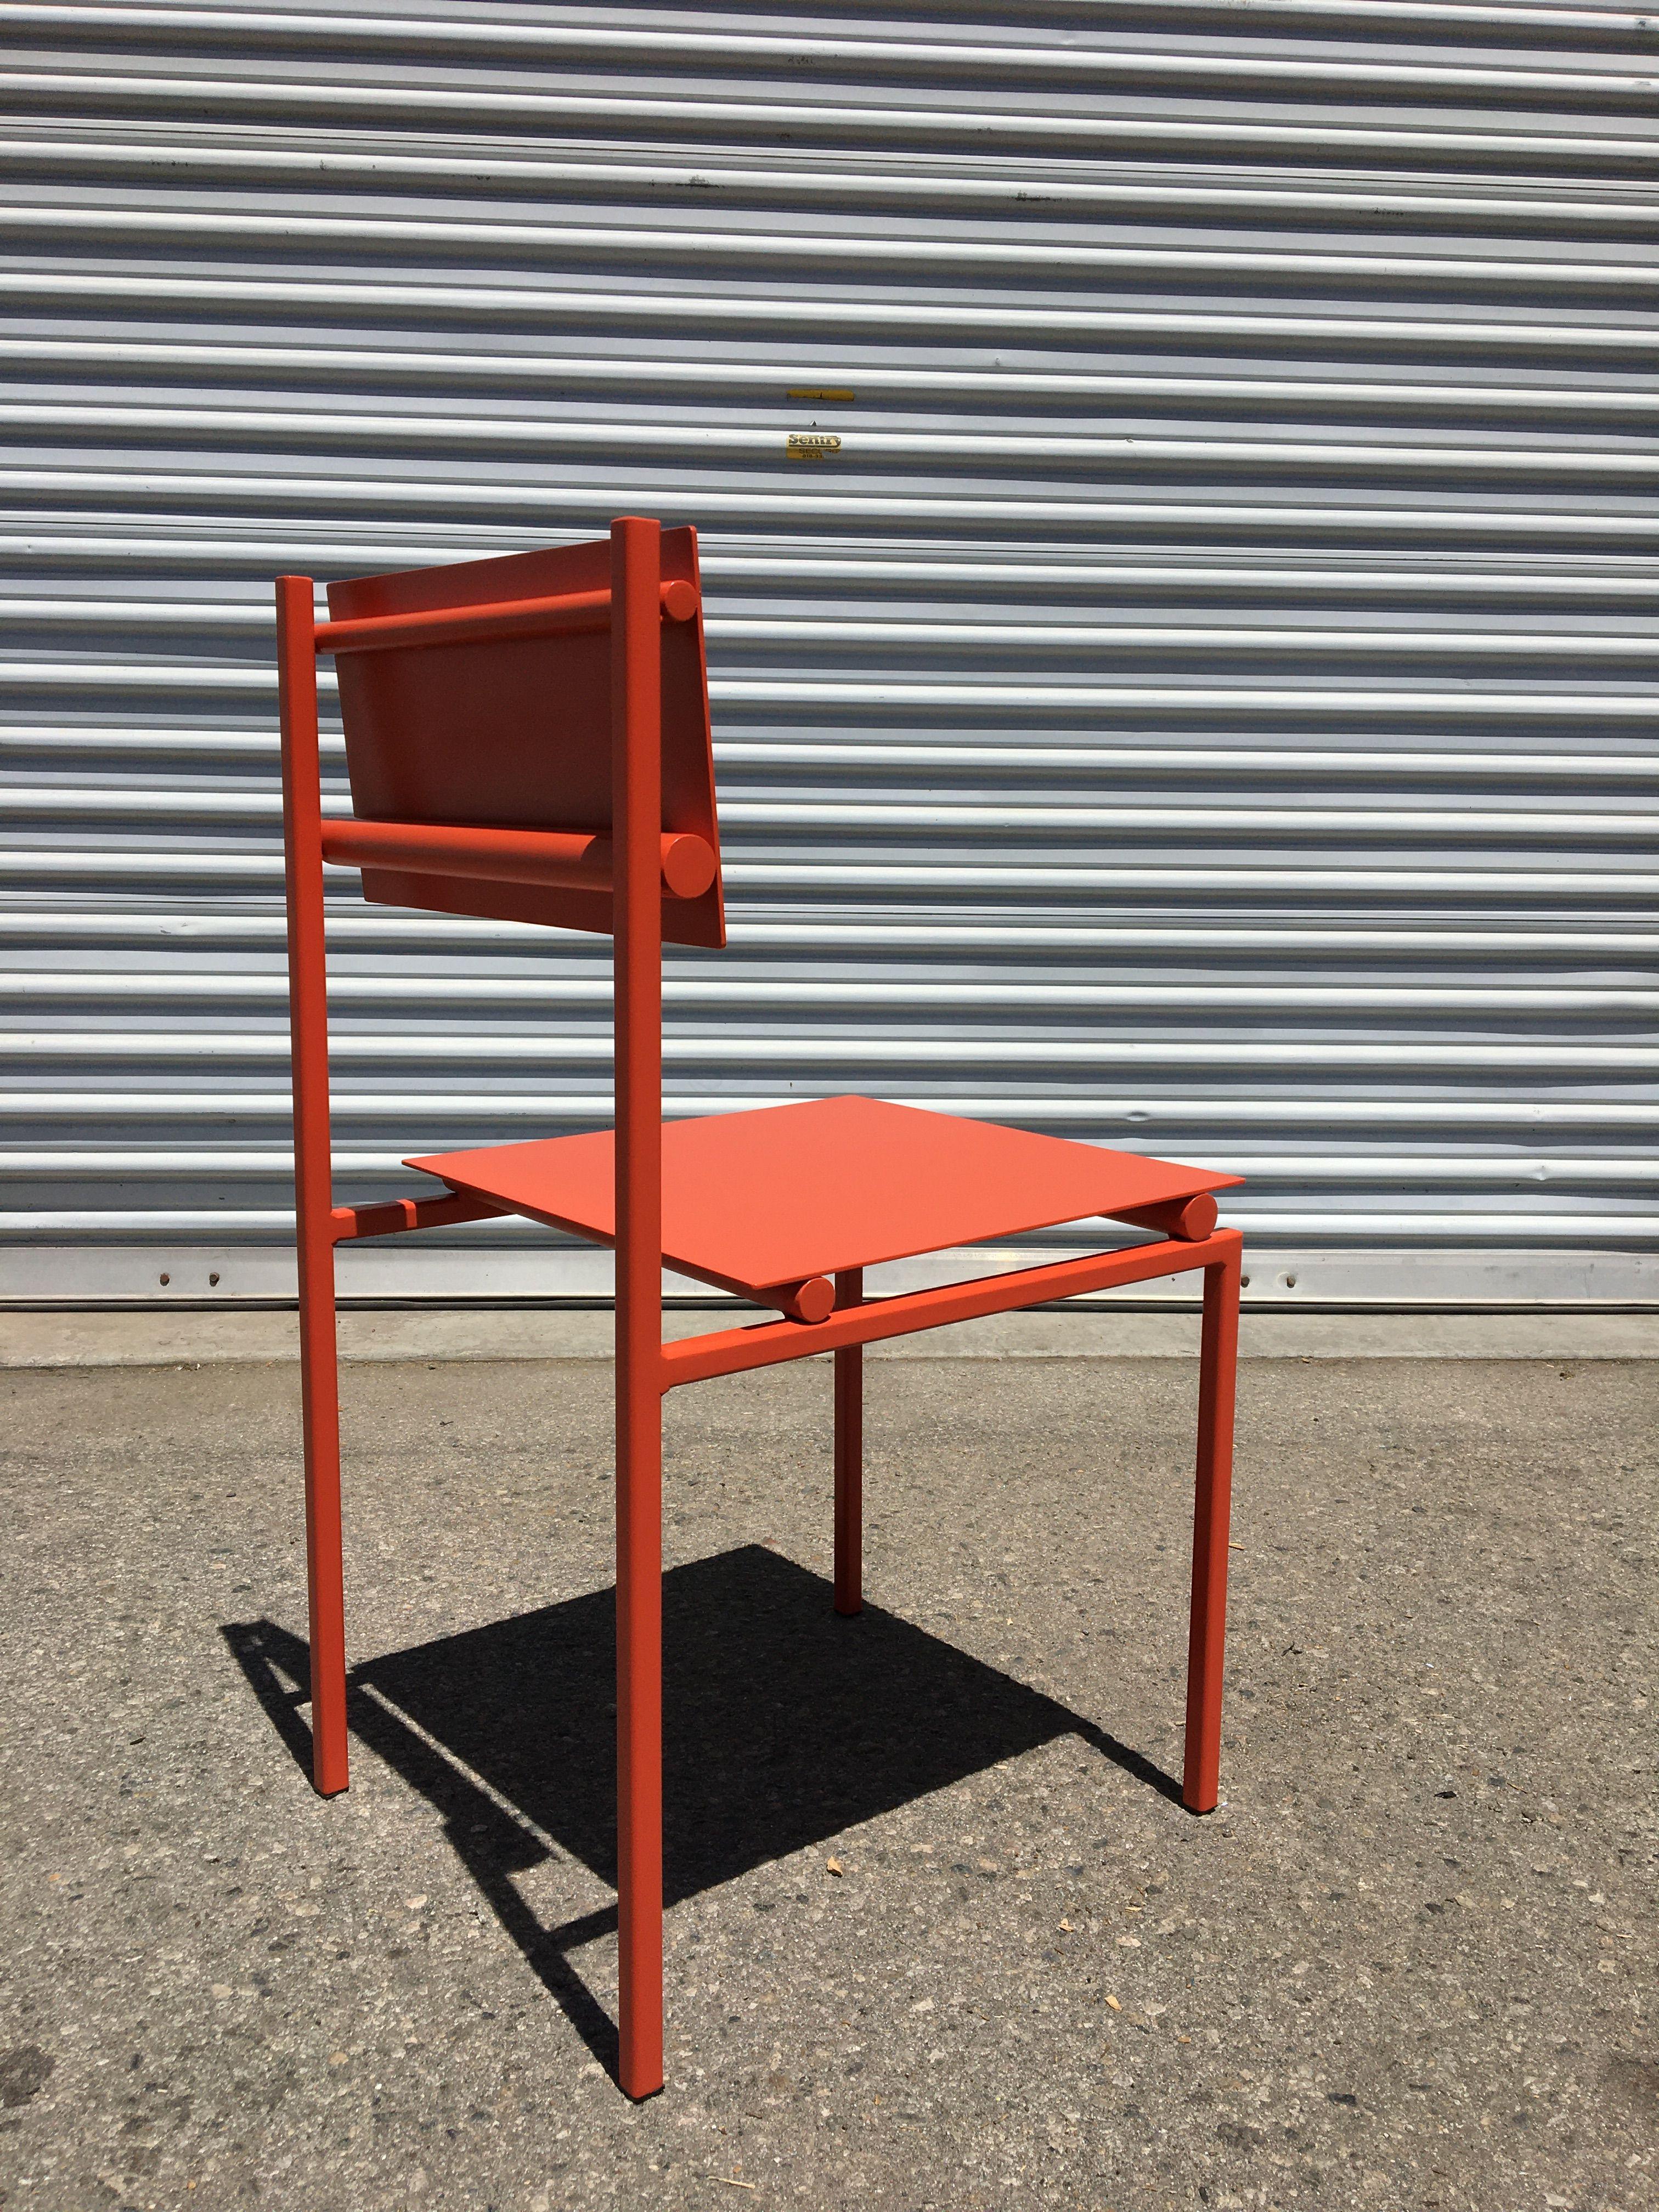 Suspension Metal Set - SIZED LA product image 16